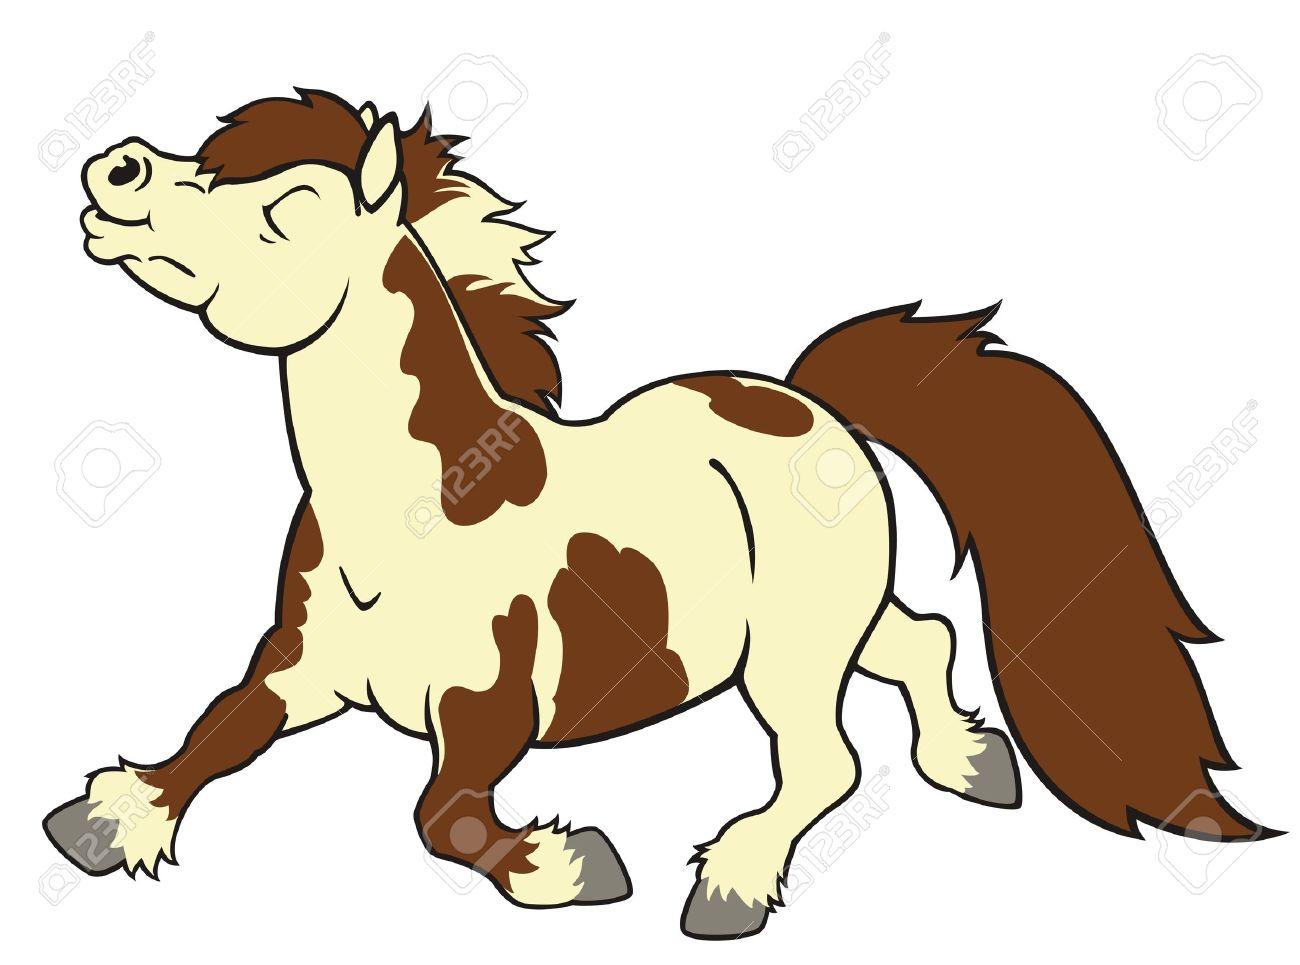 Shetland Pony Corriendo A Caballo Imagen De Dibujos Animados